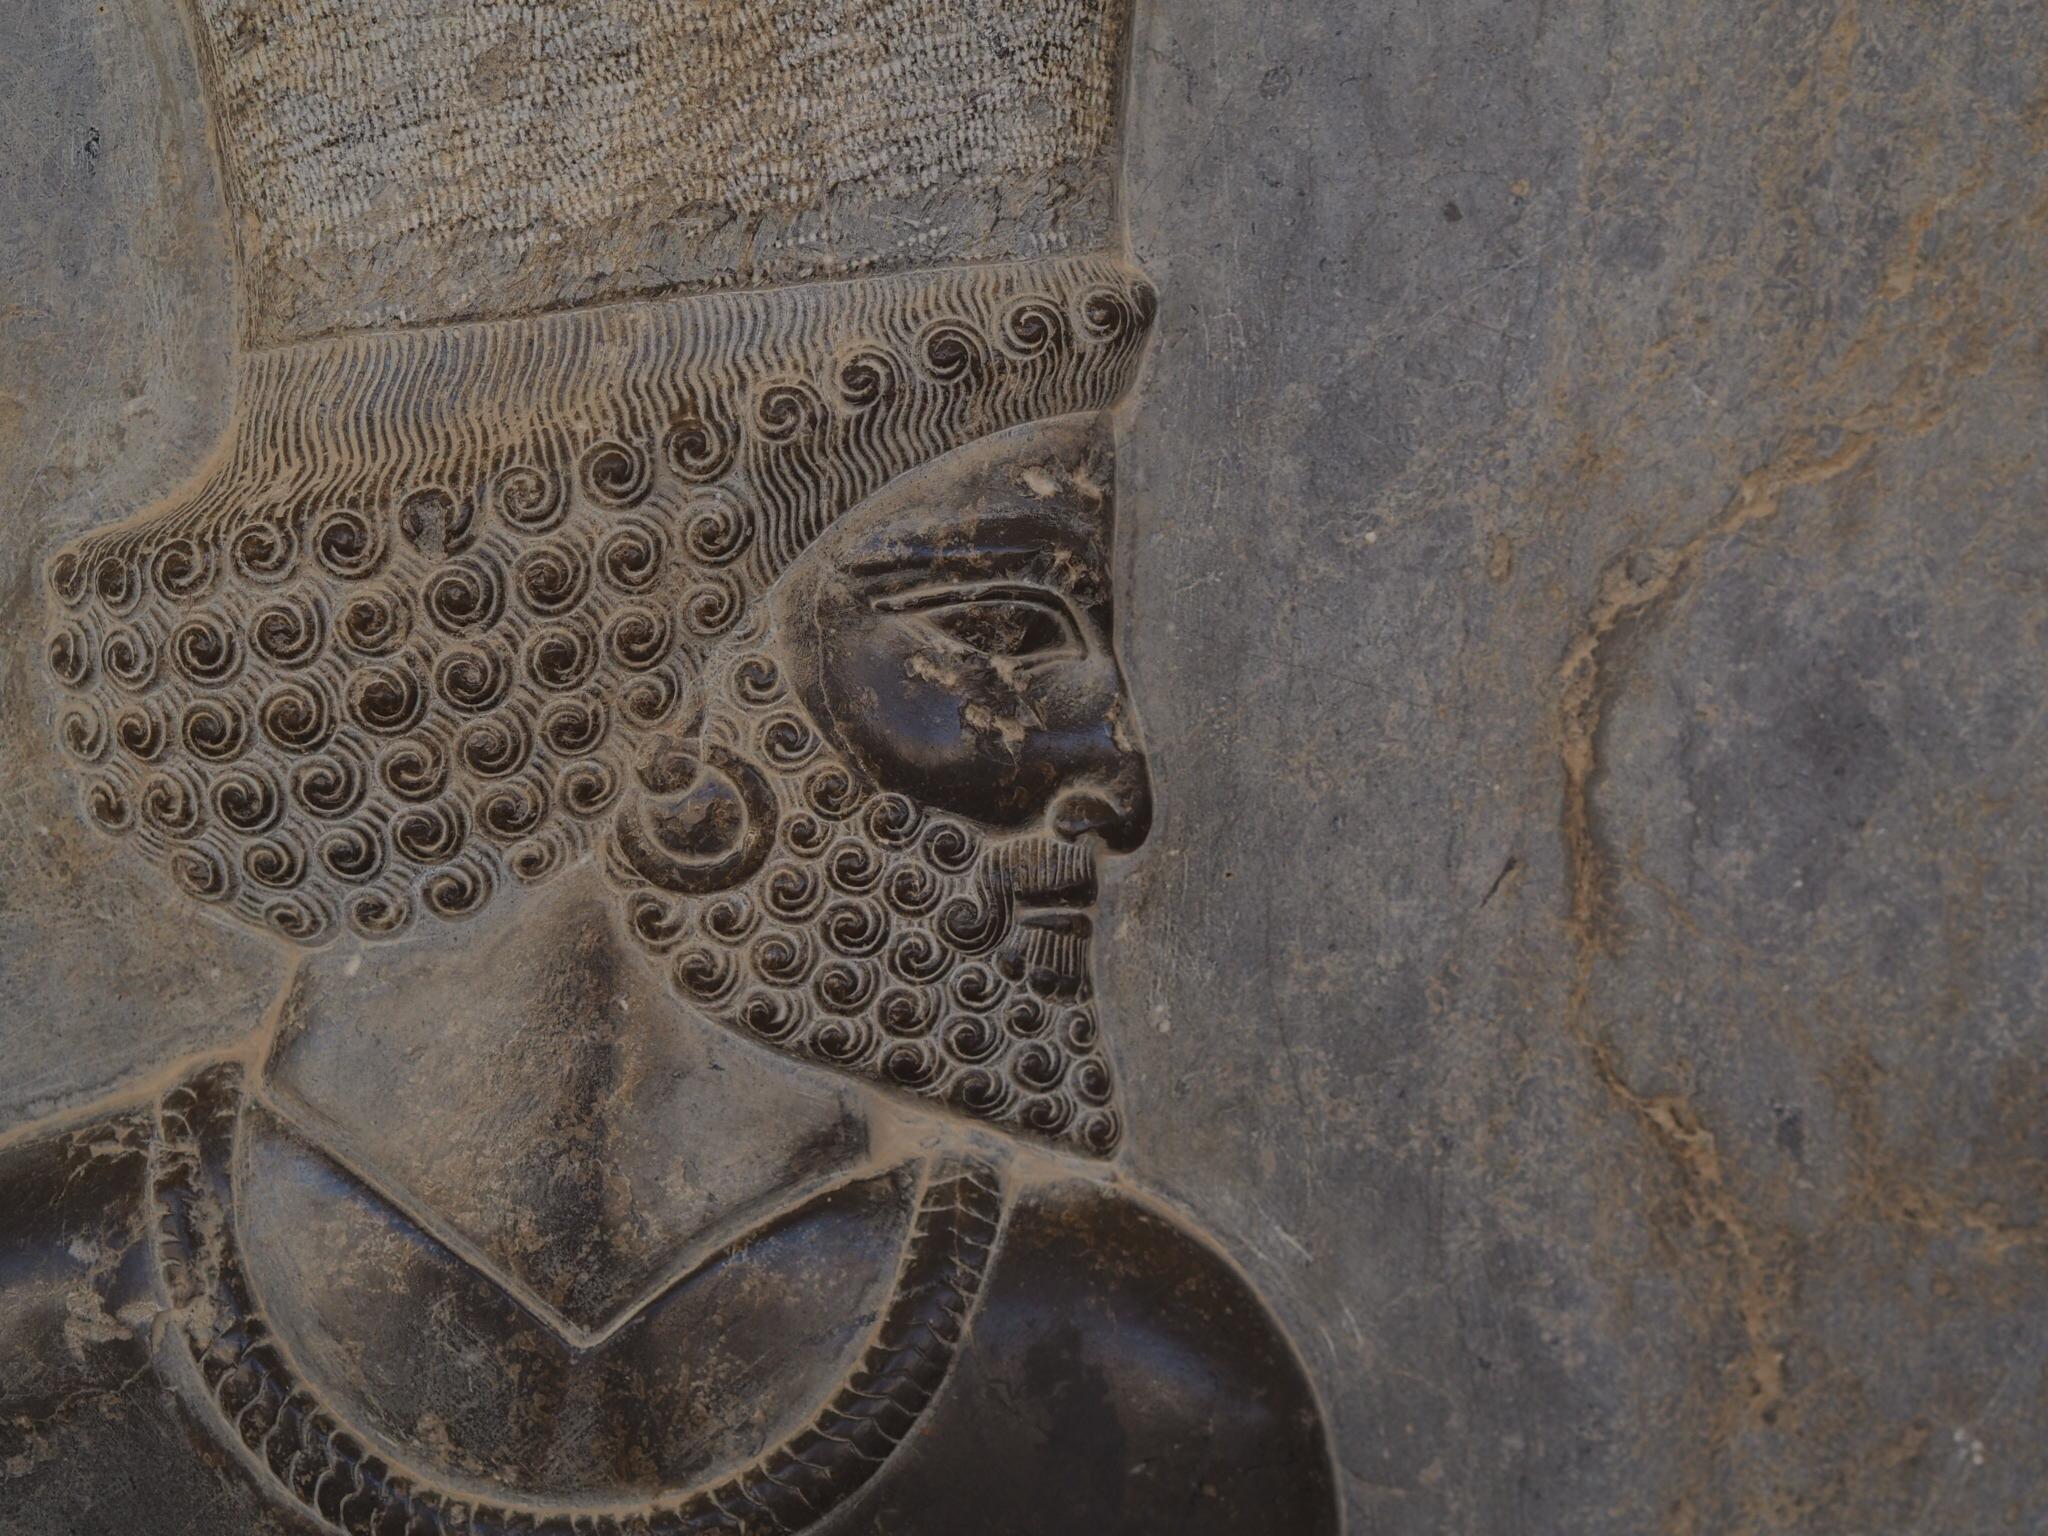 Gruzja-Armenia-Iran-Stambuł. Dzień 11: Persepolis 9